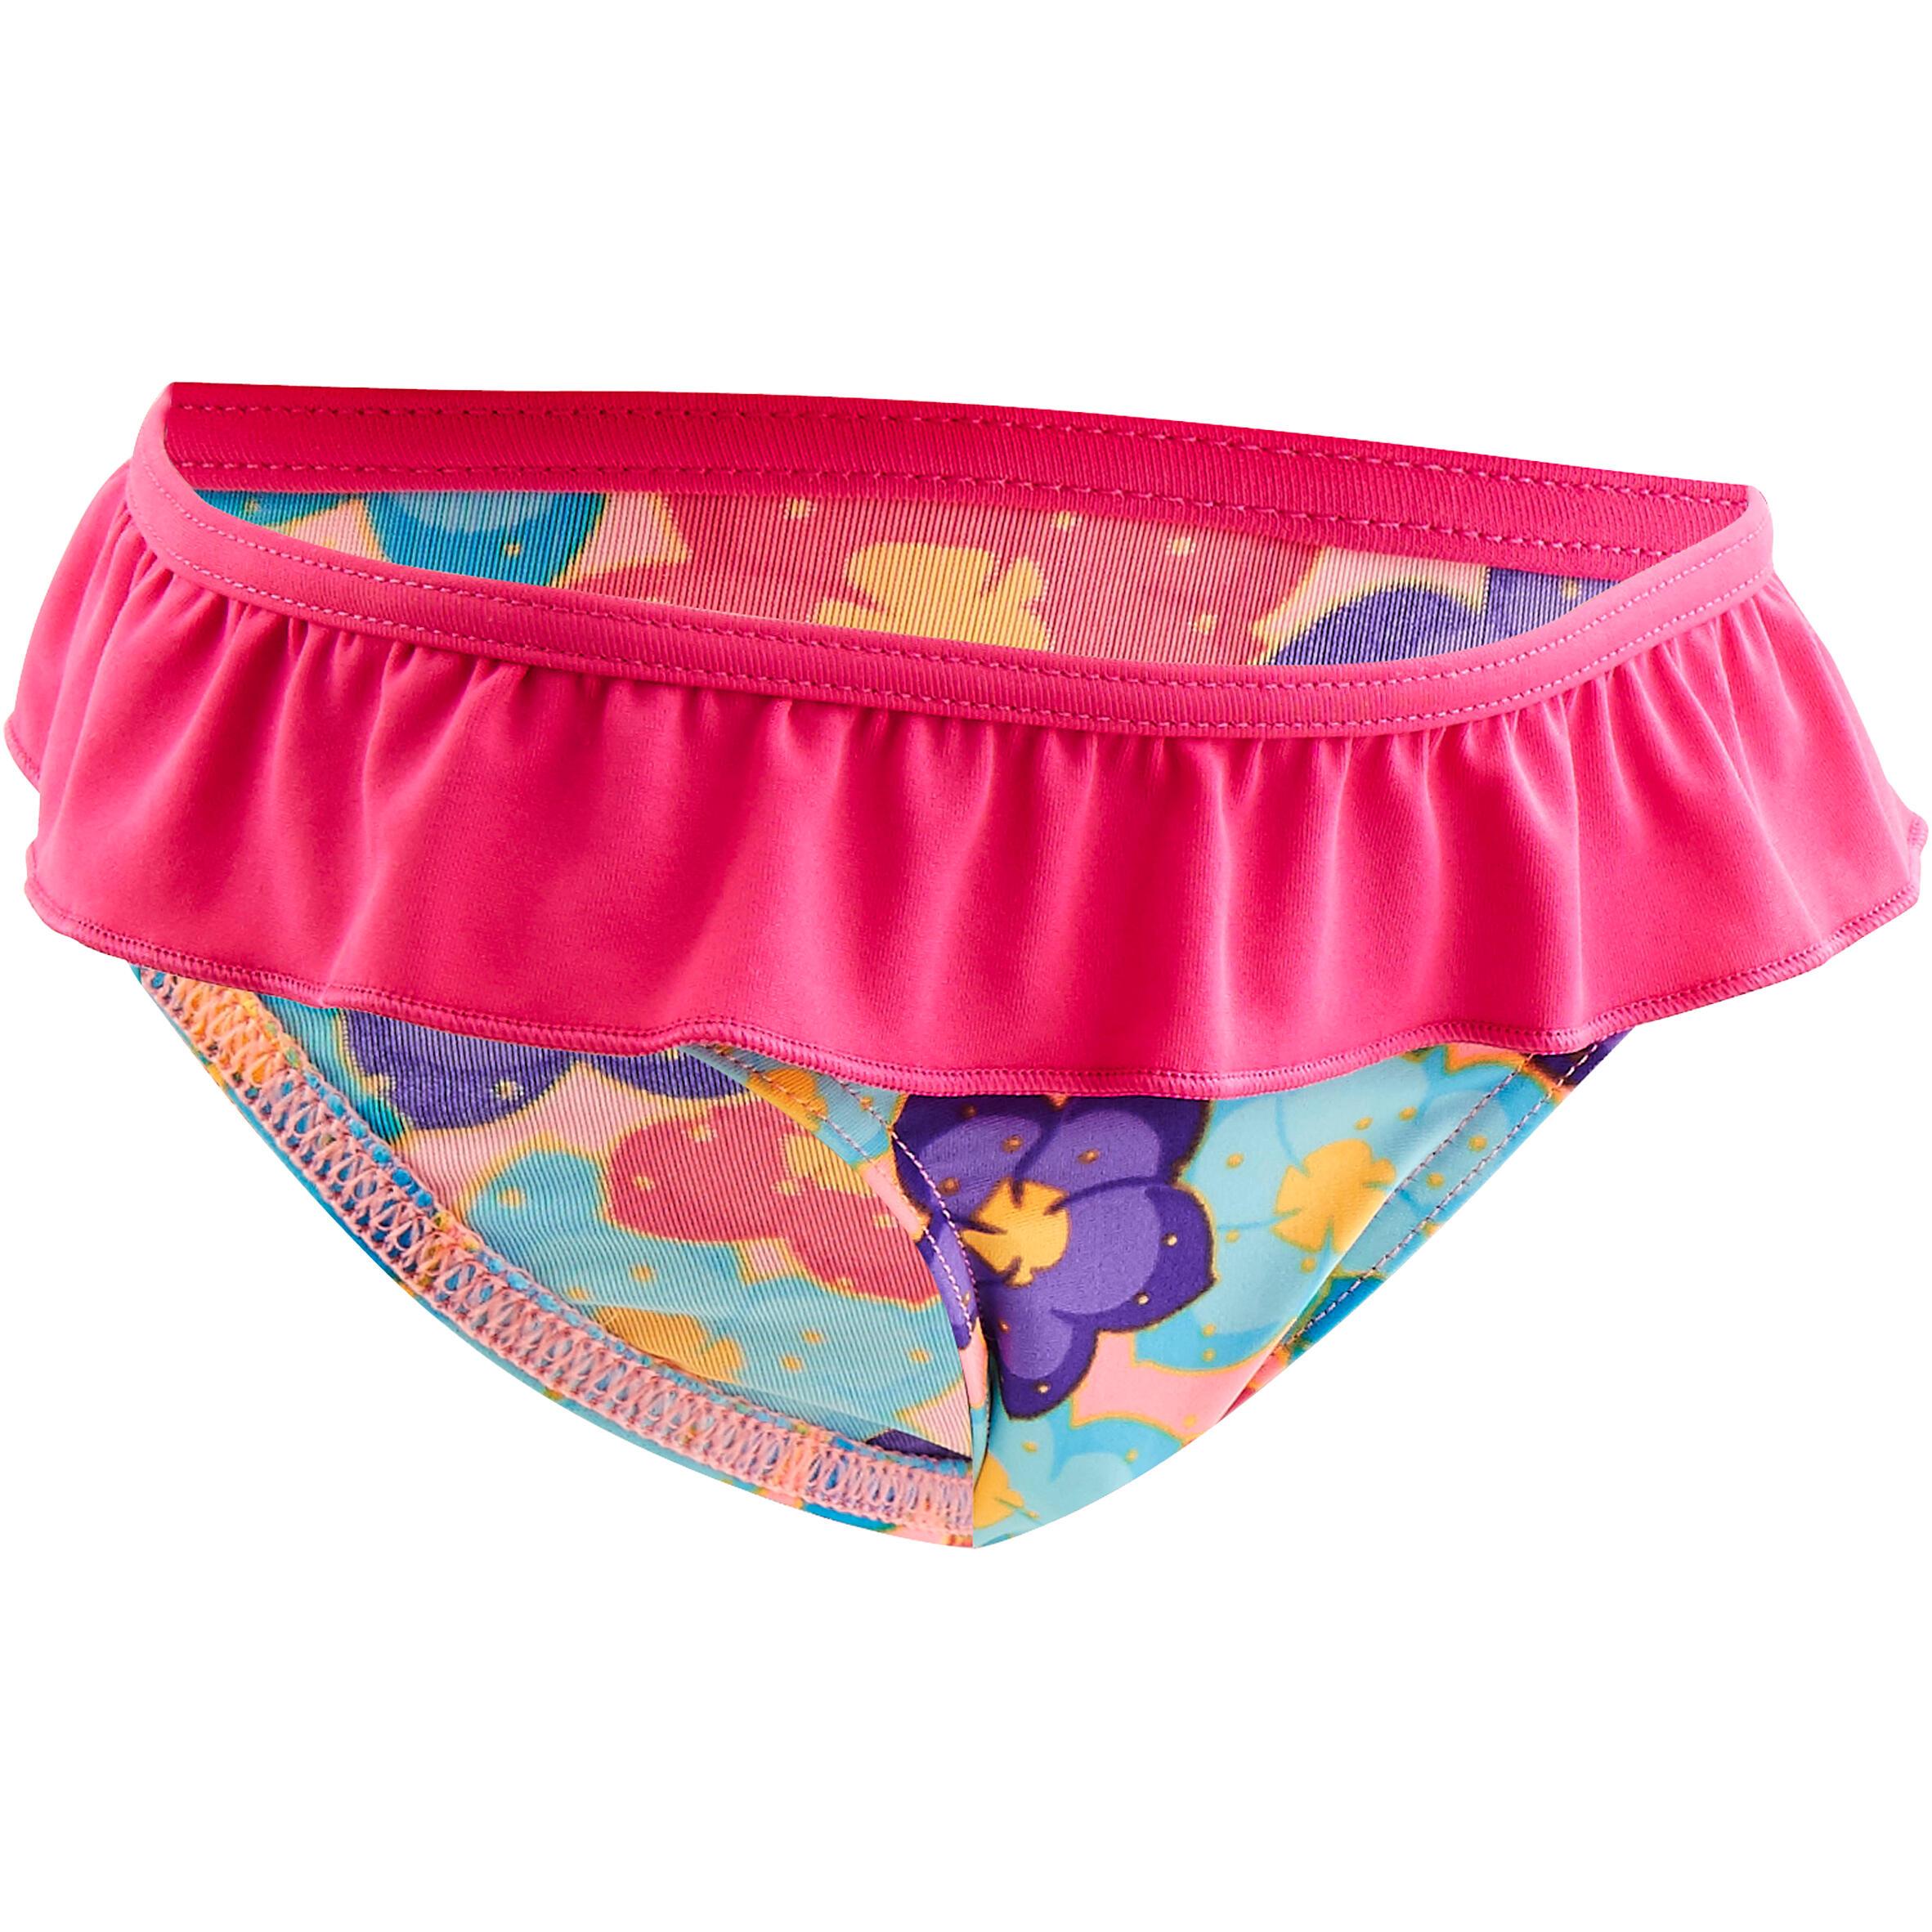 Maillot de bain une pièce culotte bébé imprimé rose nabaiji